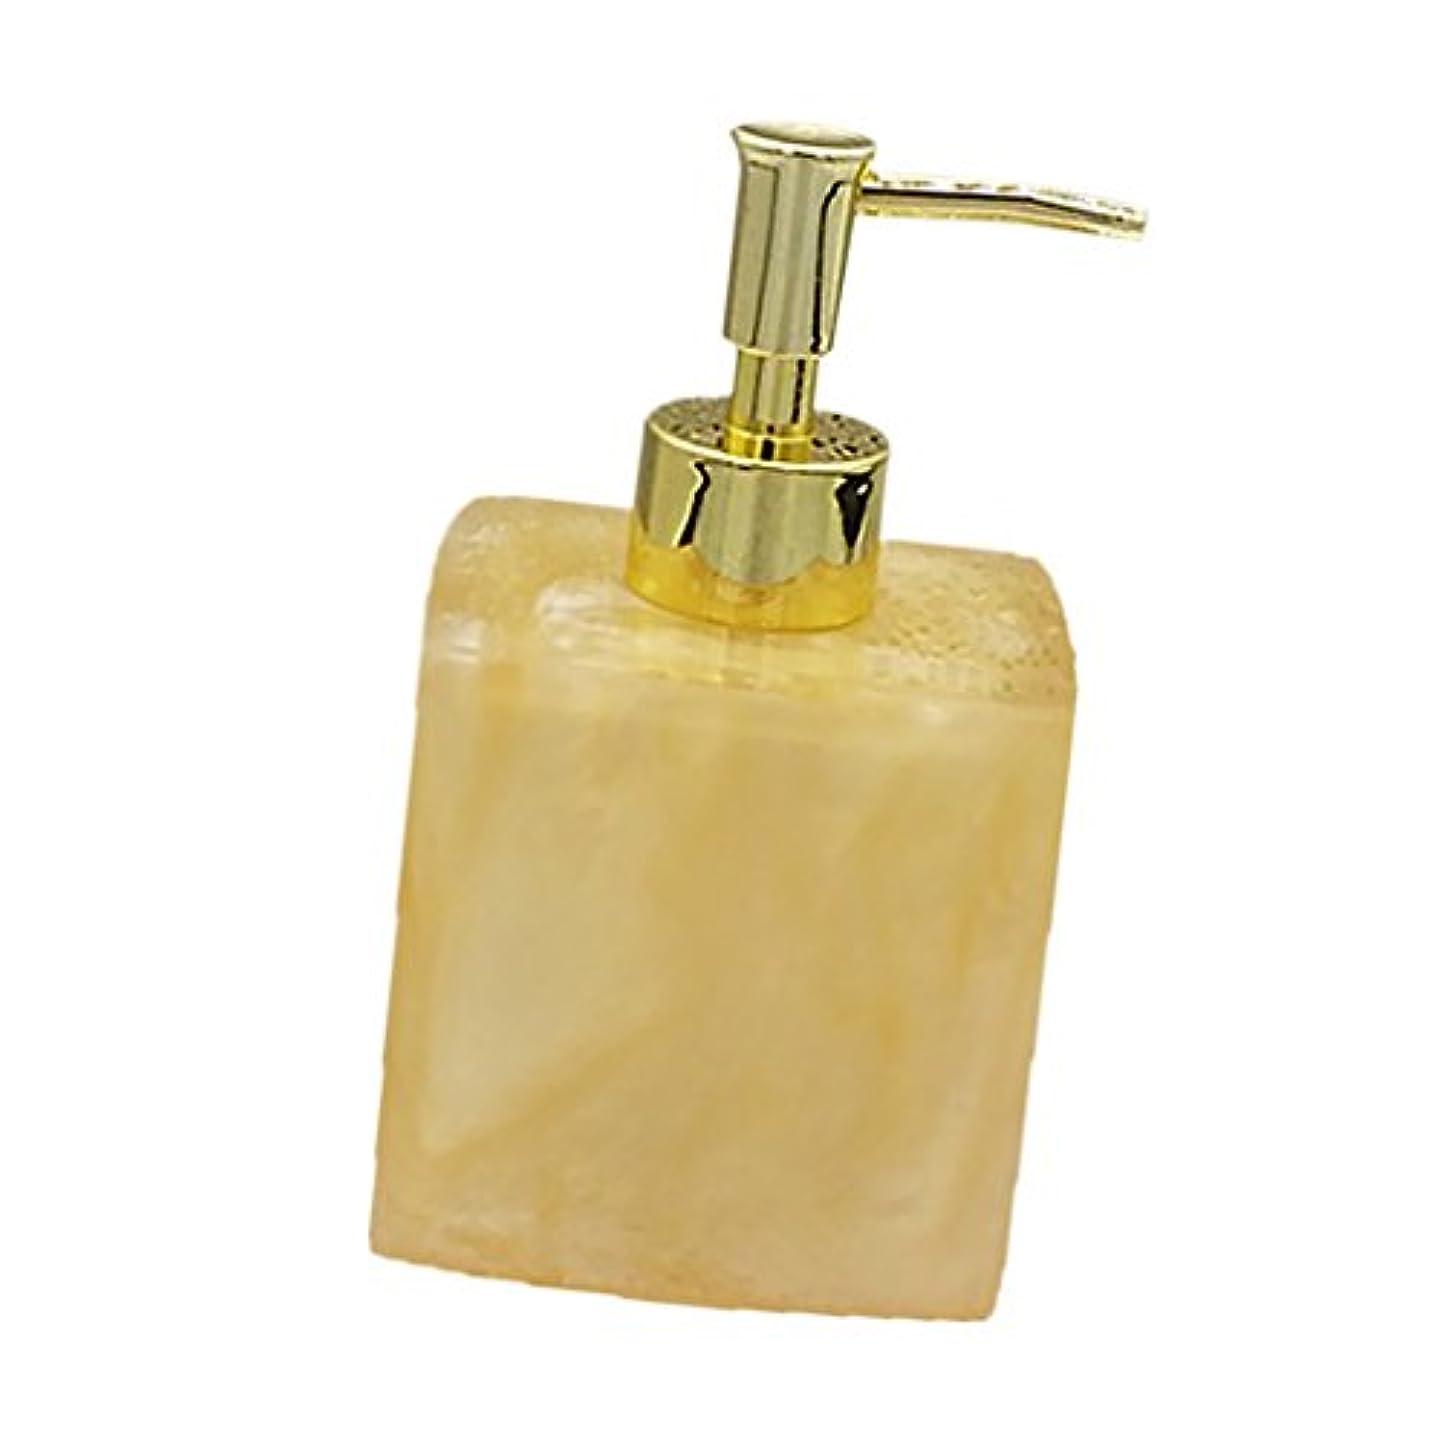 腹部性差別直感(8.5 7.8 15cm, Yellow) - MonkeyJack Resin Soap Shampoo Dispenser Bath Liquid Body Lotion Pump Bottle/Jar VARIOUS...